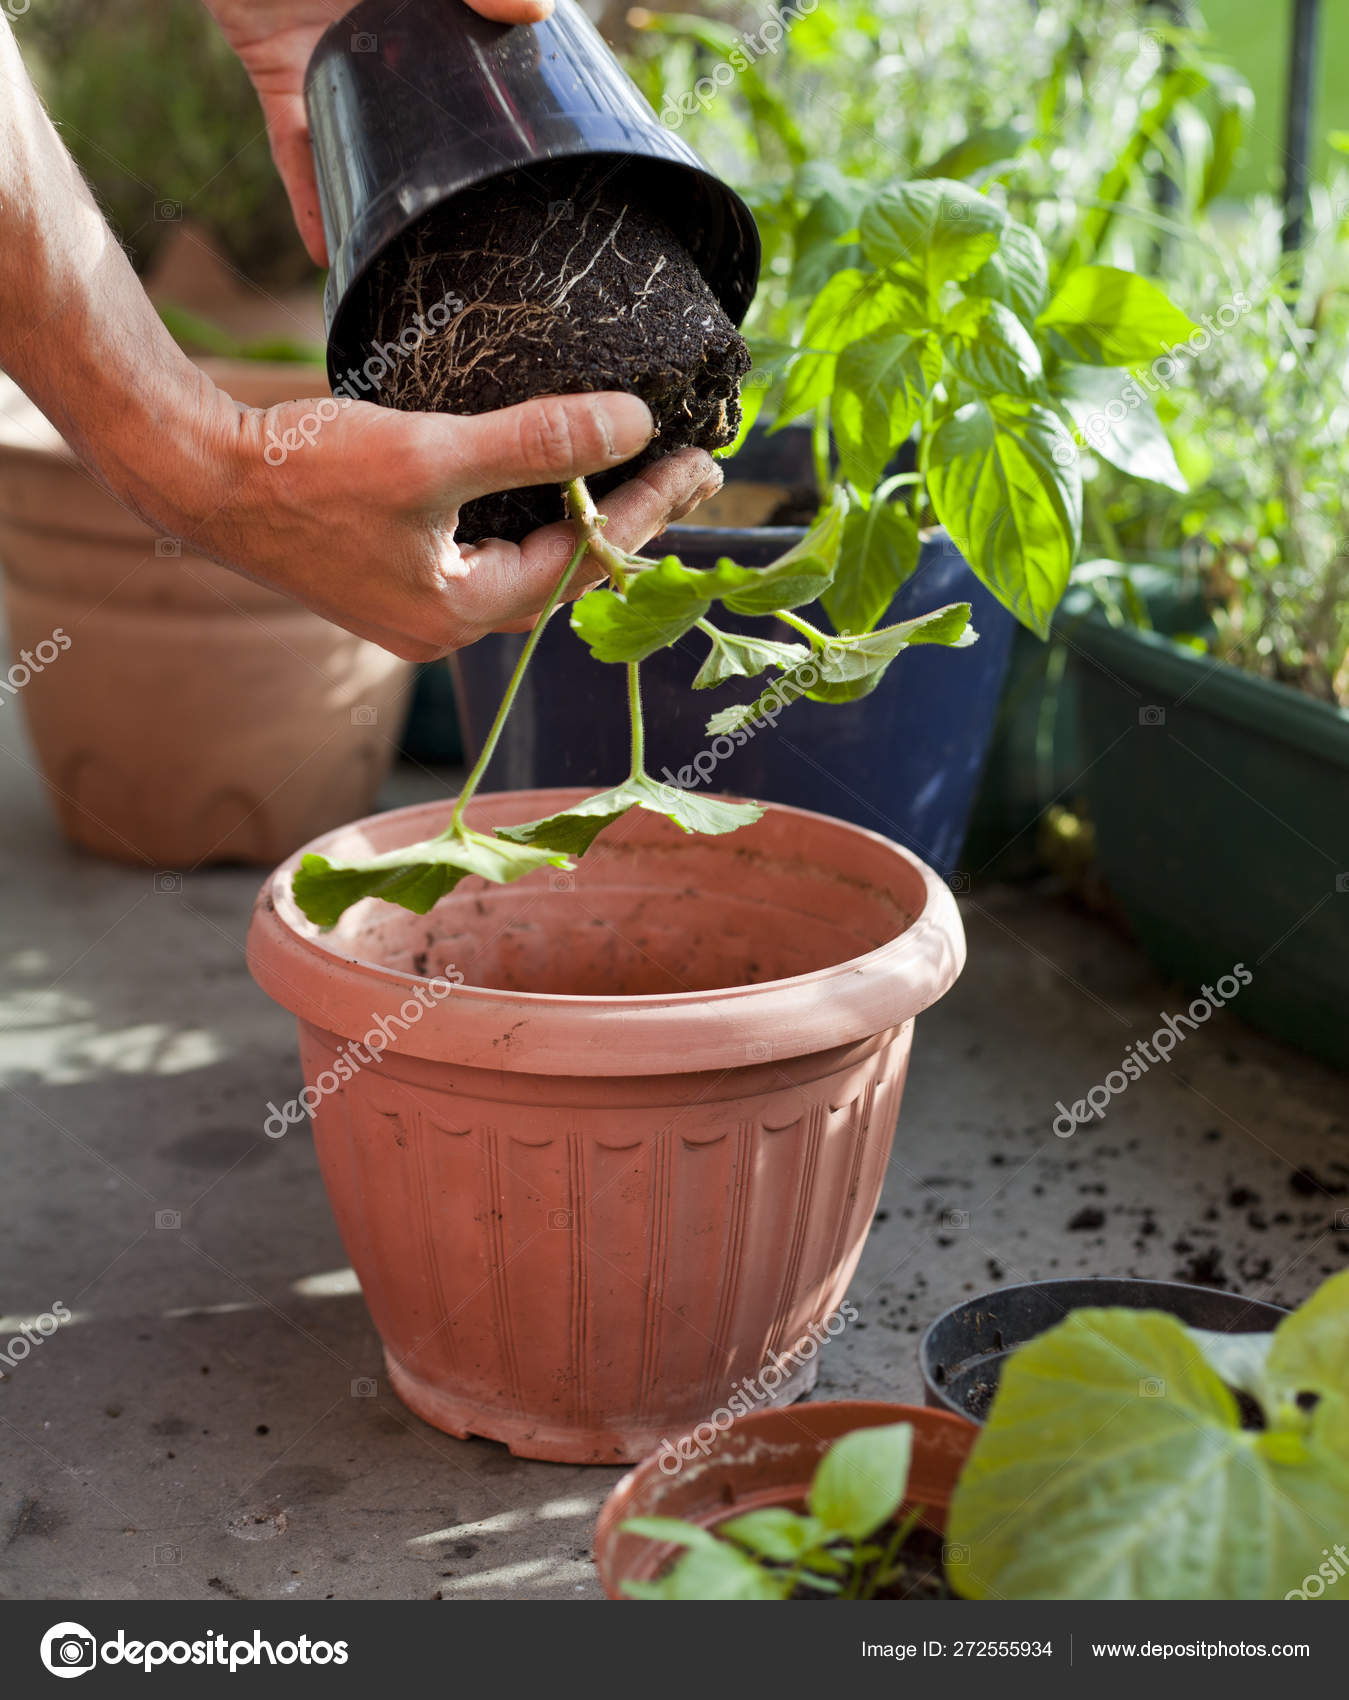 Gardening Activity On The Sunny Balcony Repotting The Plants Stock Photo C Joannatkaczuk 272555934